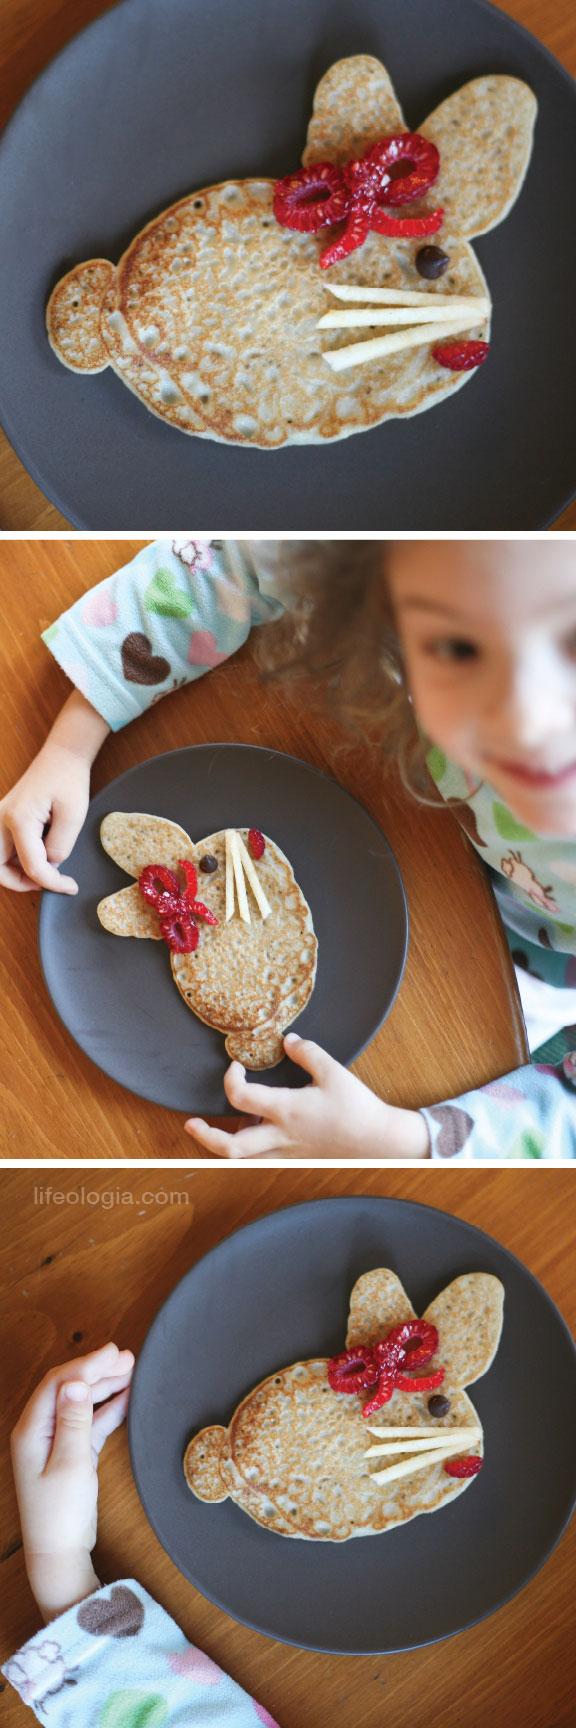 lifeologia-bunny-pancake